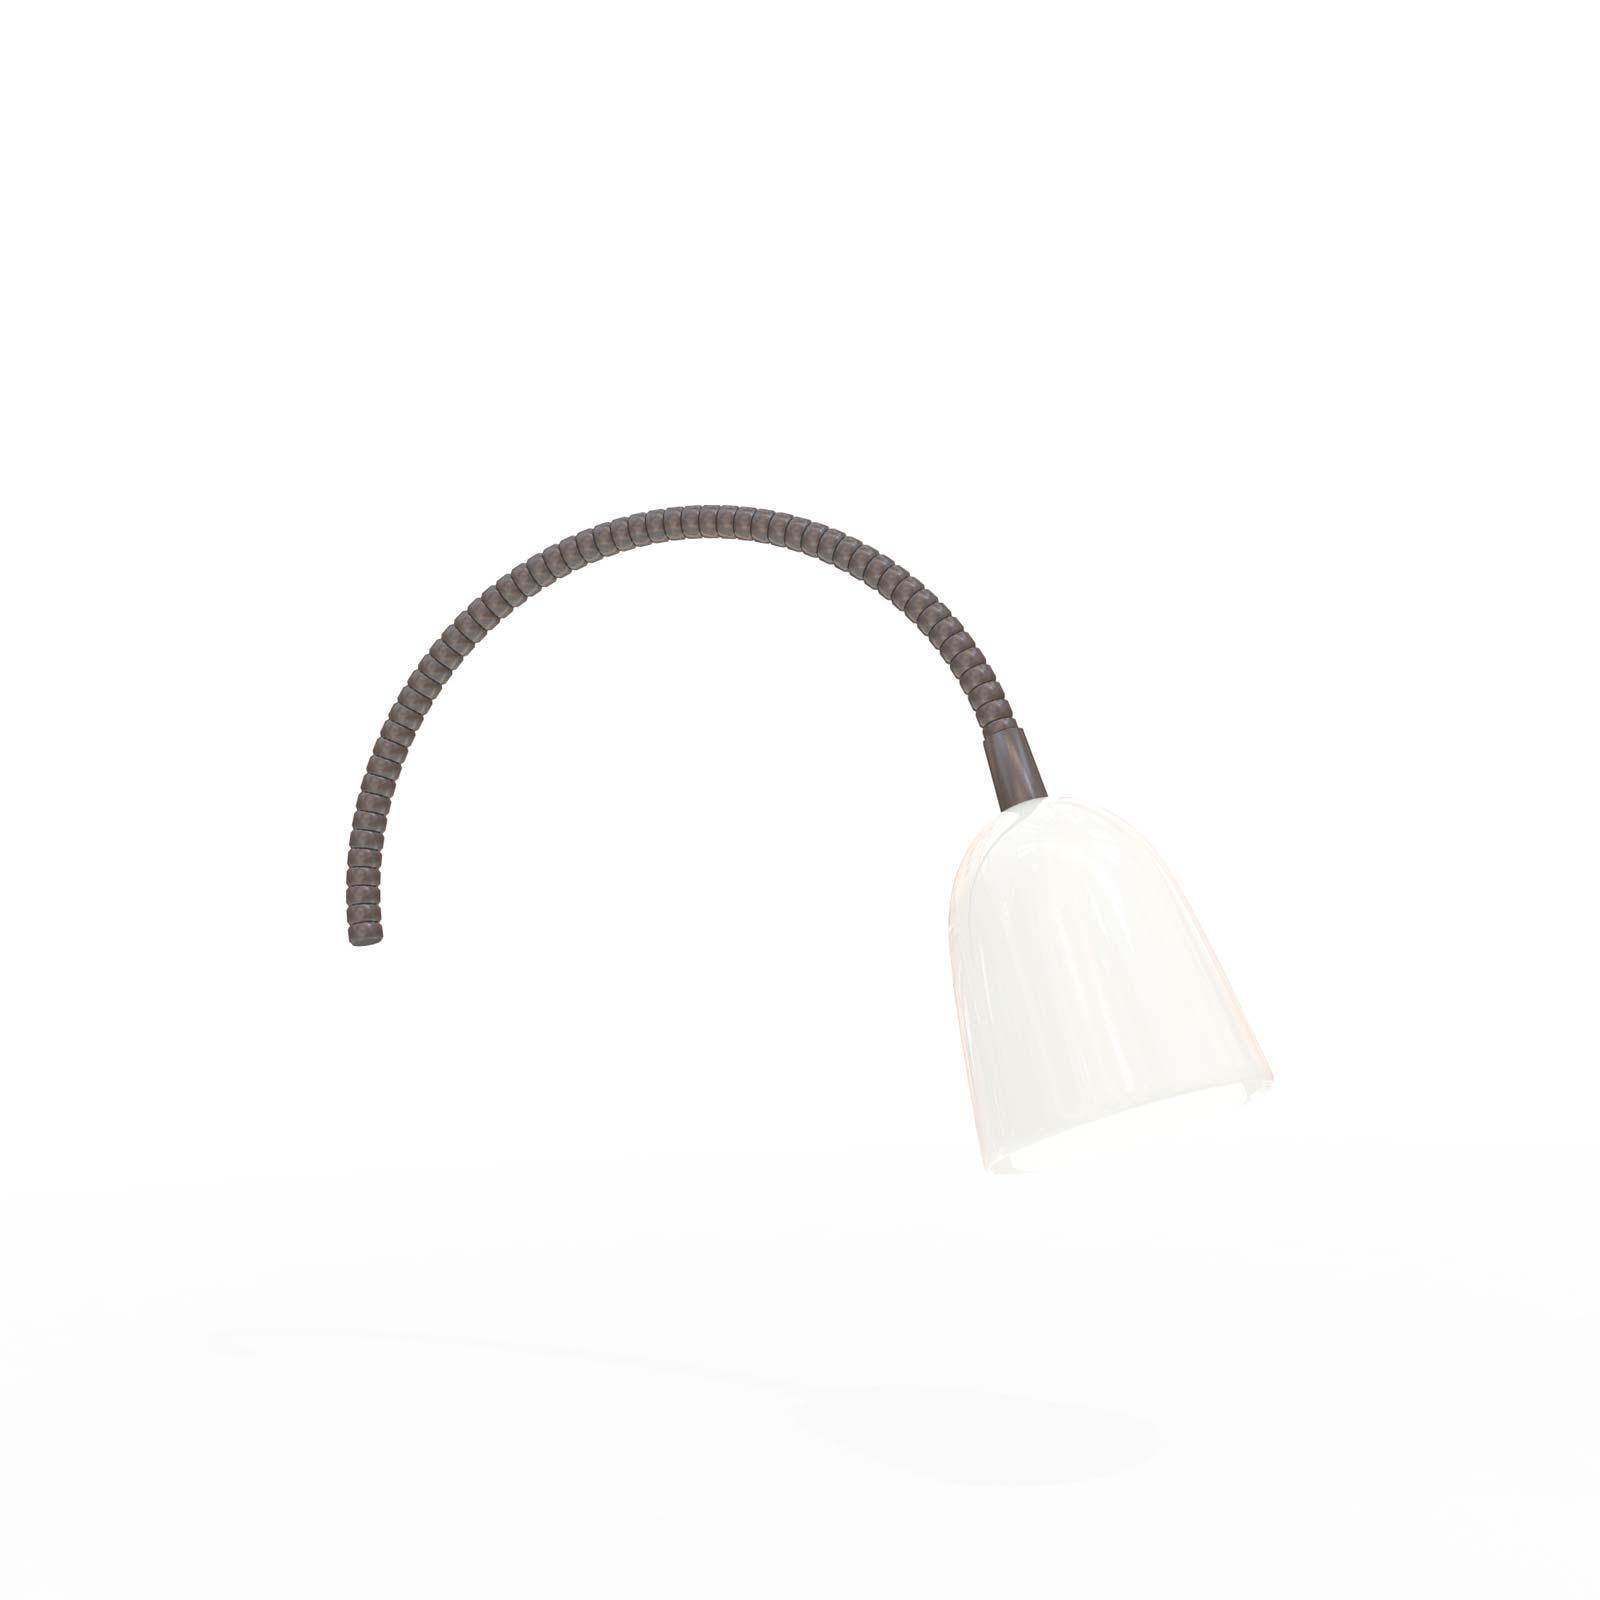 Спальня Rimini Bosco J32-01., Светильник для кровати на гибкой ножке 1шт. - 4537